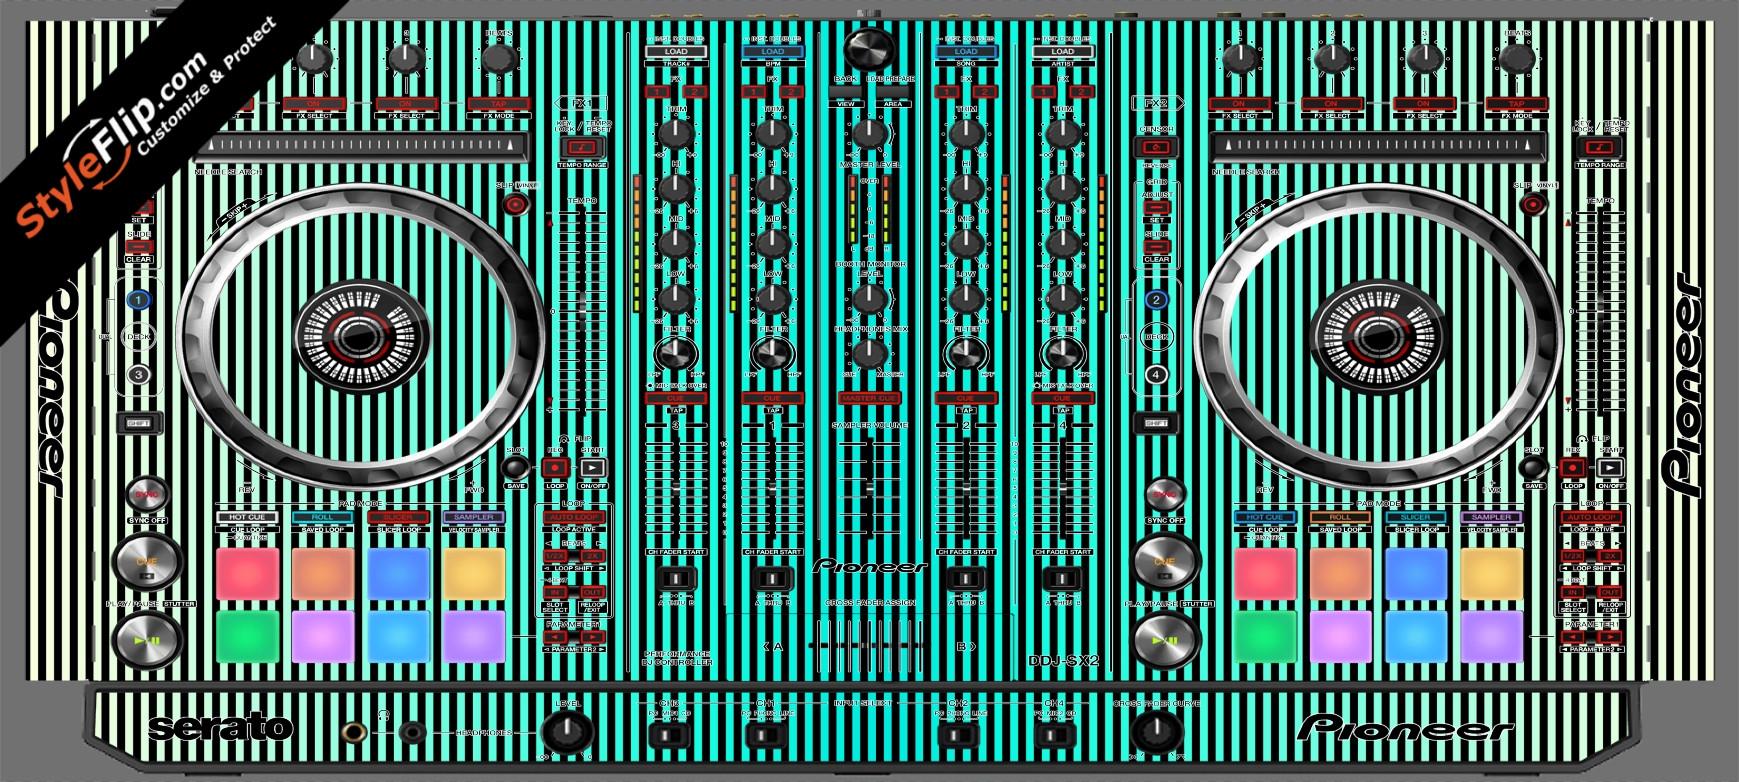 Teal Stripes Pioneer DDJ-SX2